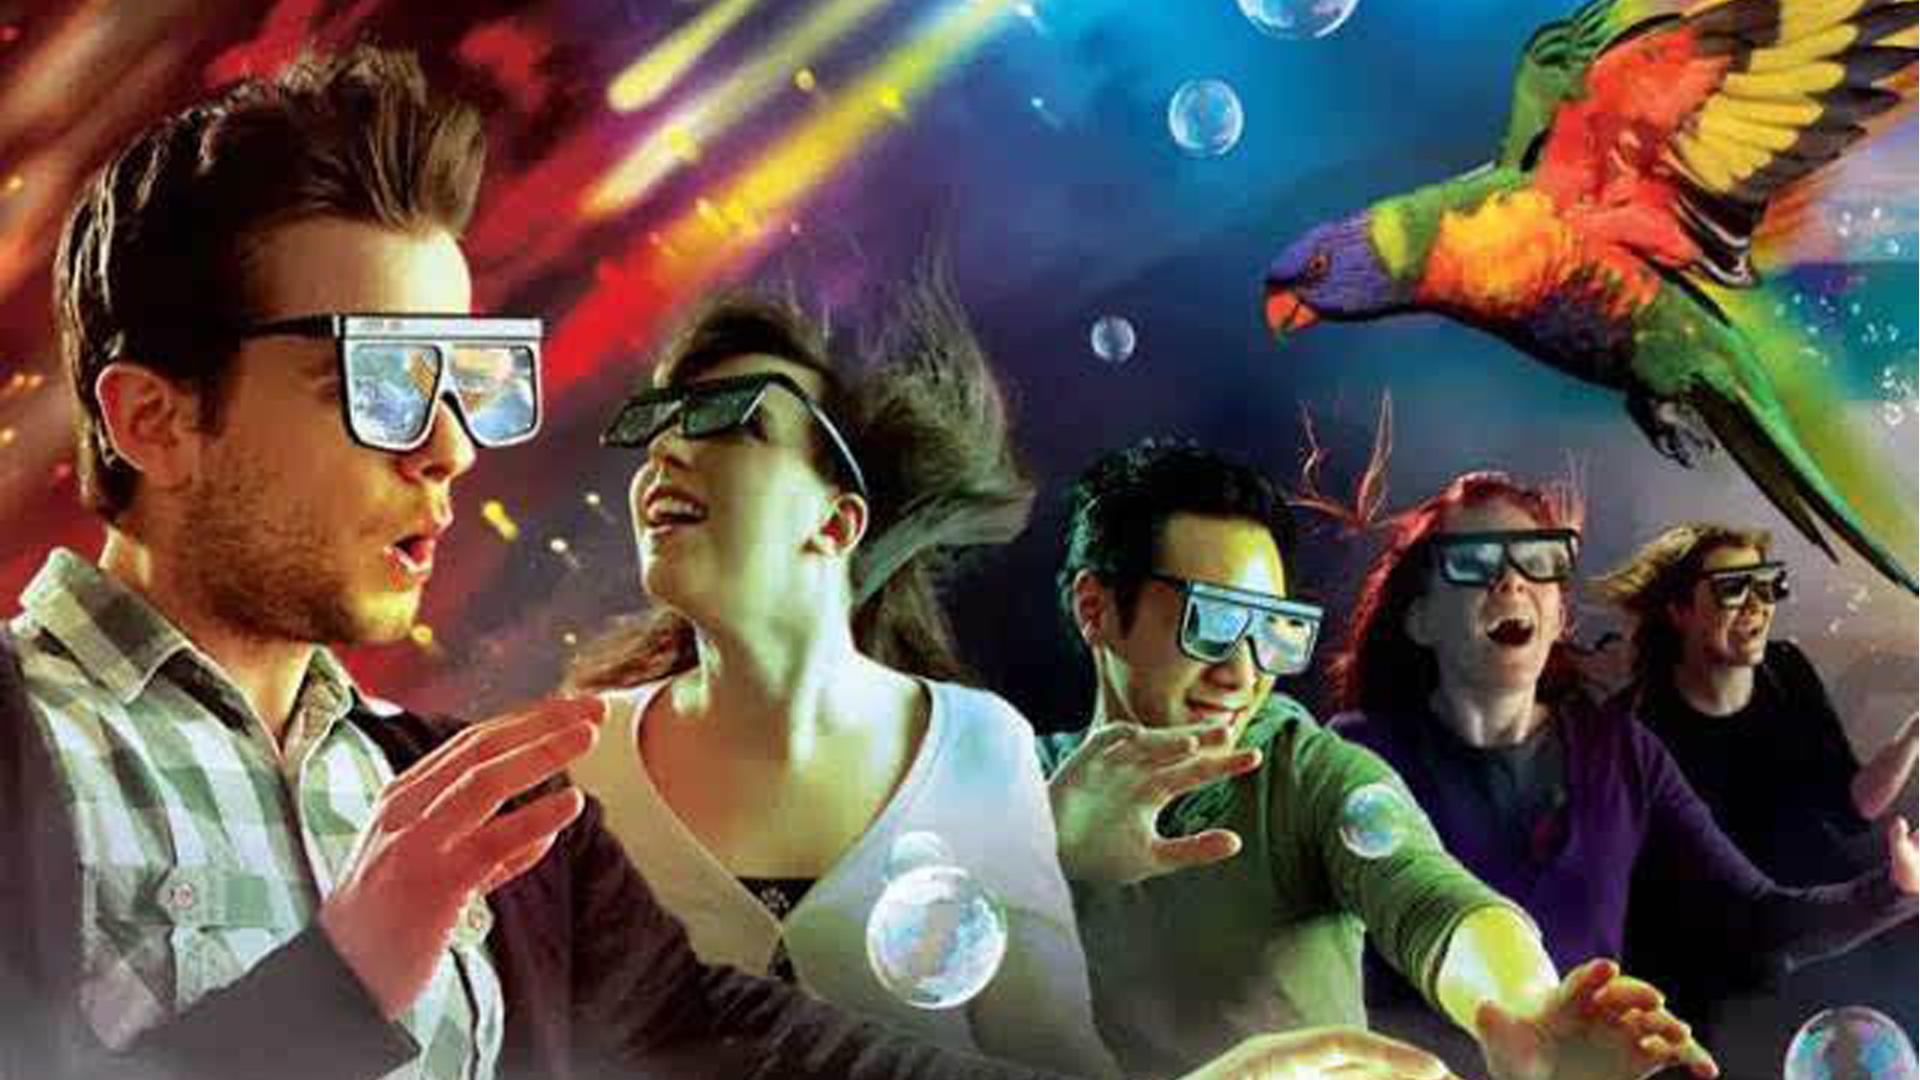 沉浸式观影的终极体验,昆明4DX影院观后感,观众:仿佛身临其境